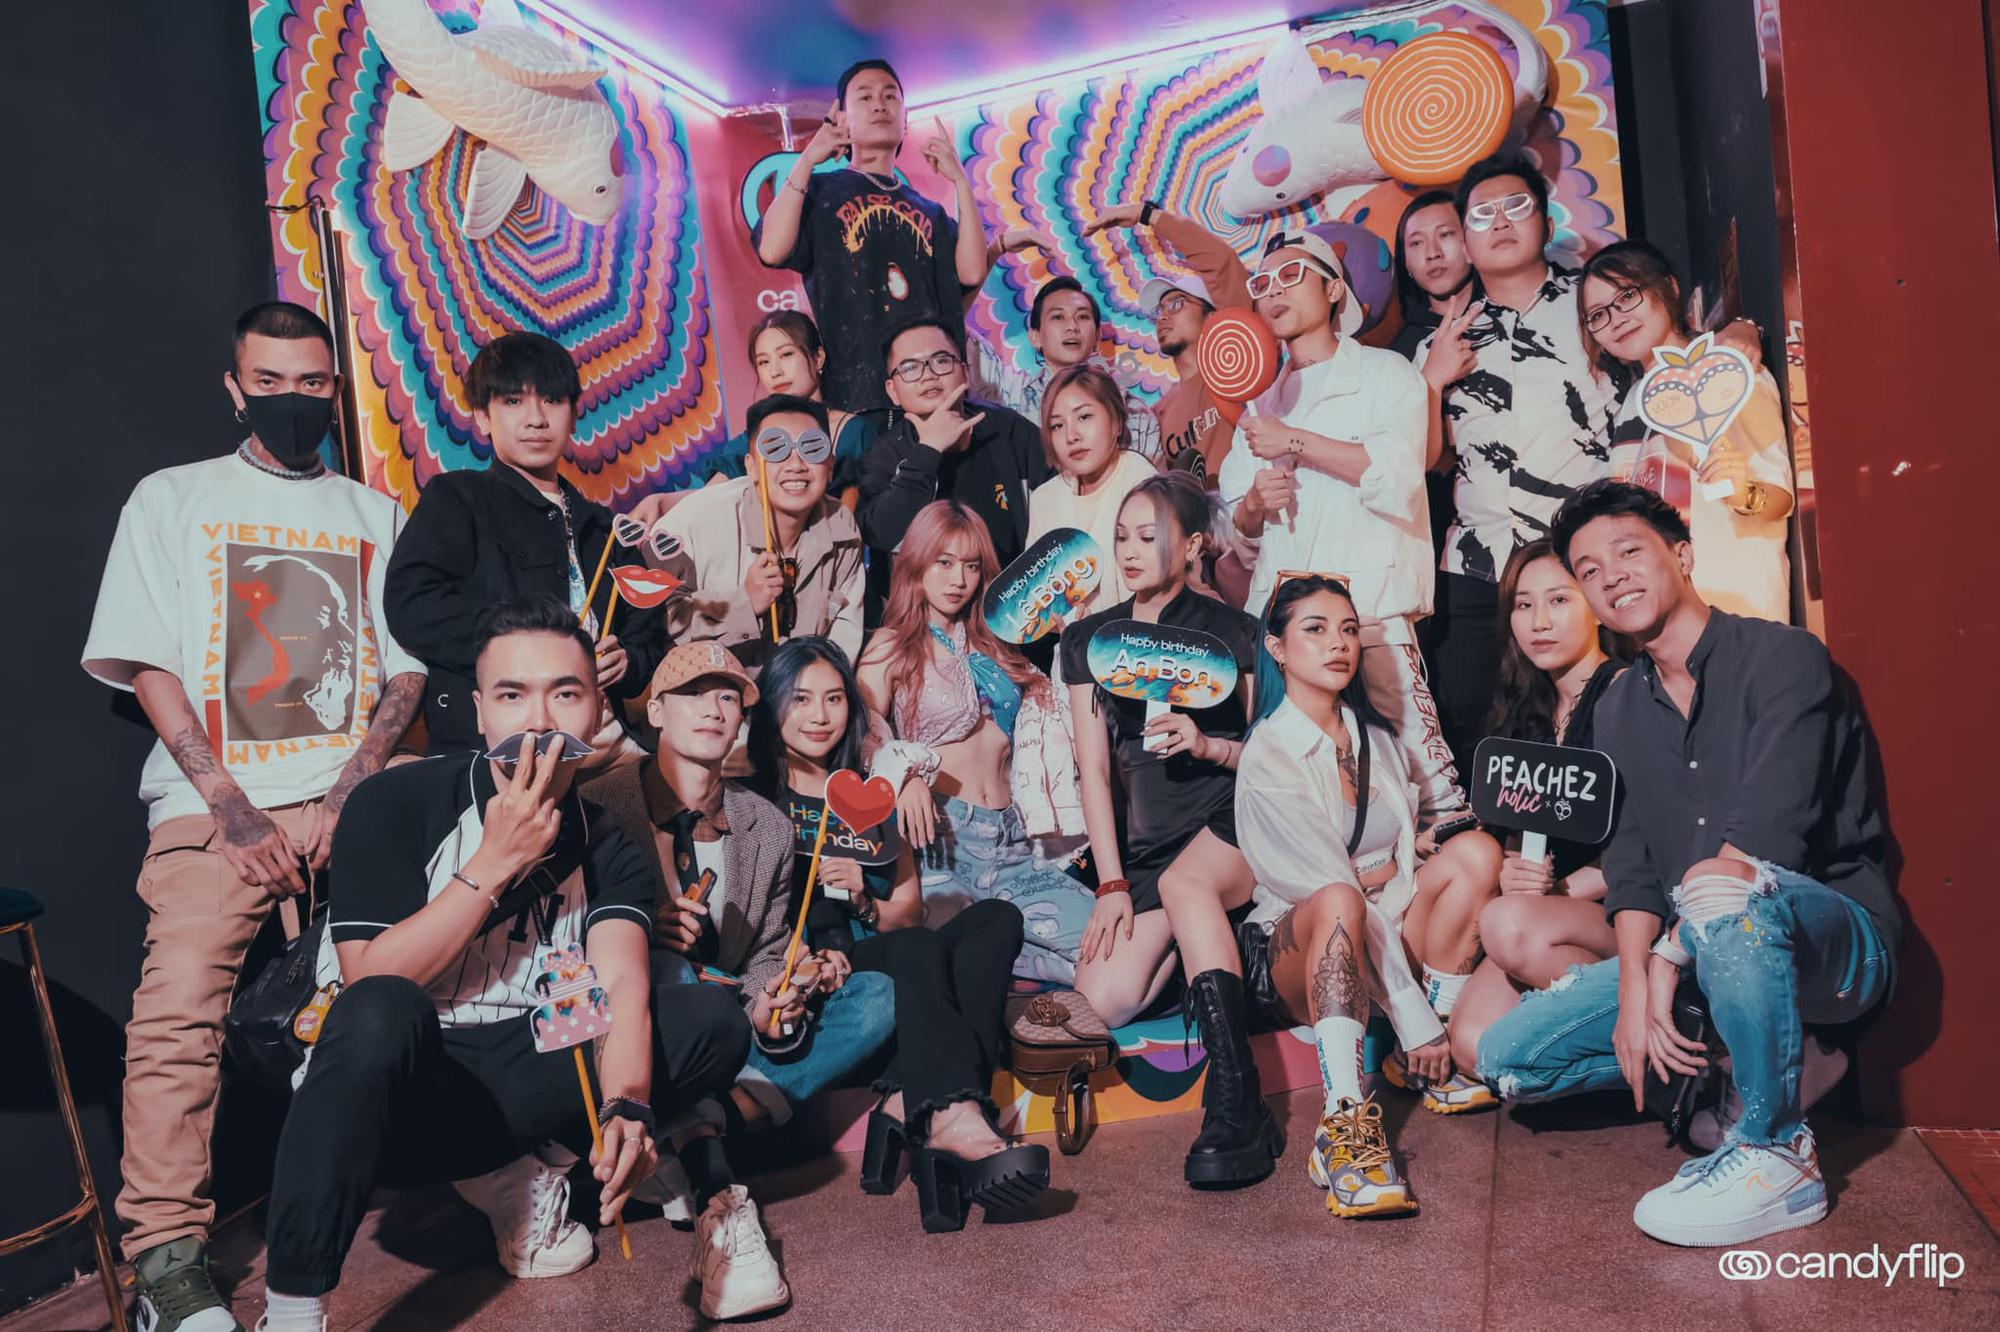 Tâm điểm sự kiện cuối tuần: Xôn xao chàng DJ bí ẩn xuất hiện giữa tiệc sinh nhật đình đám của nàng hot TikToker Lê Bống - Ảnh 3.